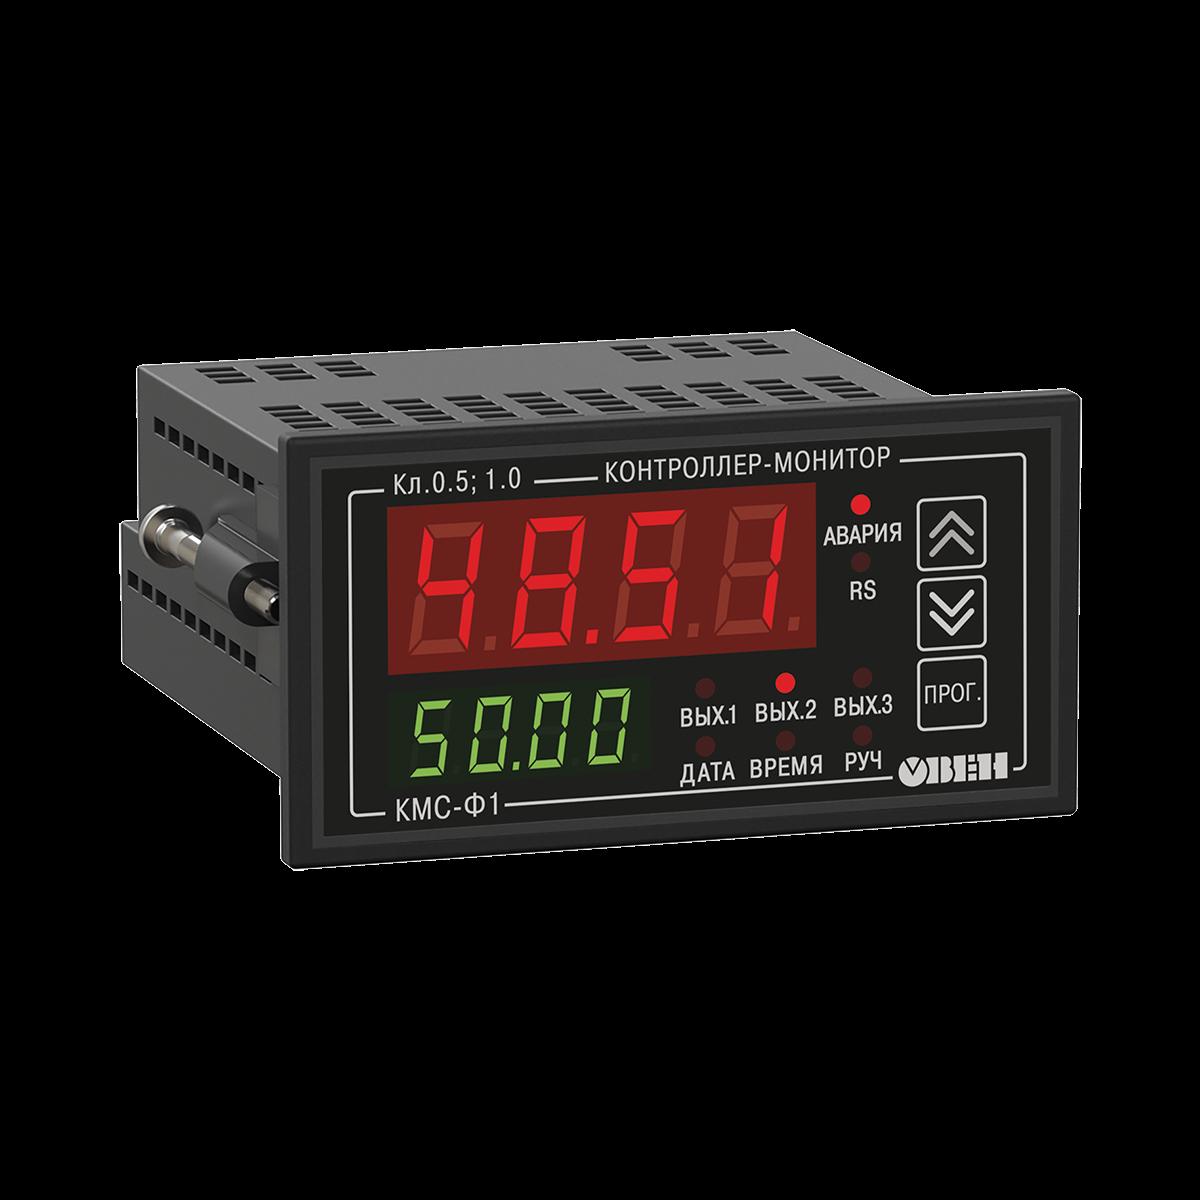 КМС-Ф1 цифровой мультиметр с аварийной сигнализацией и RS-485